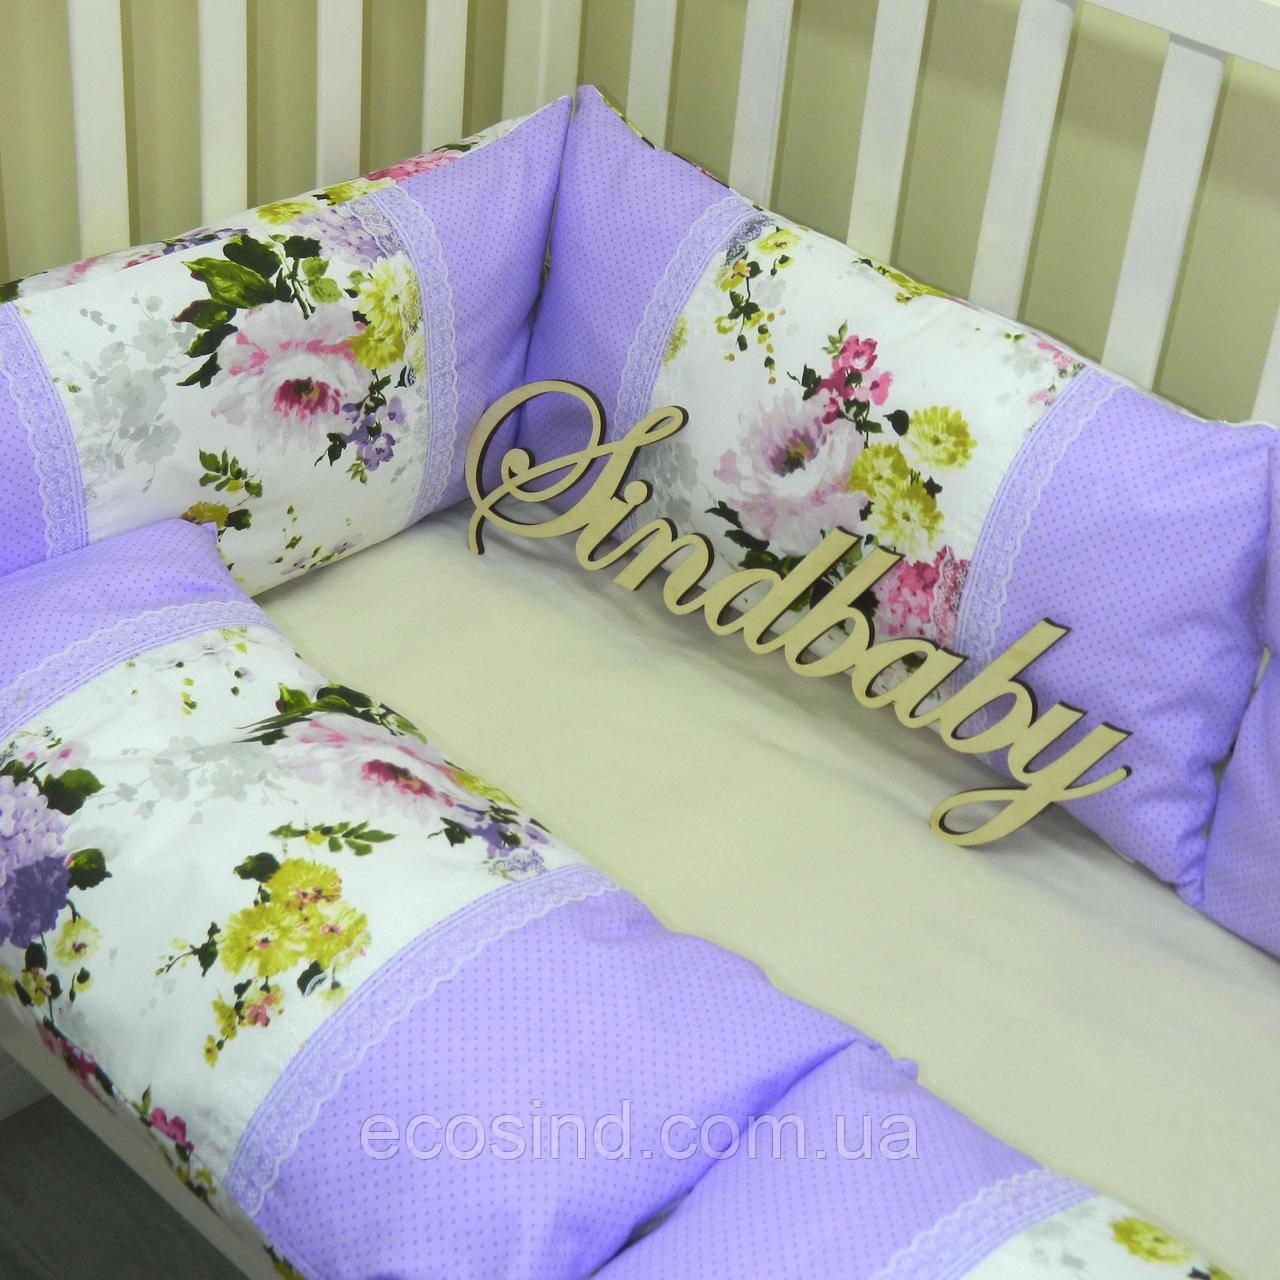 """Бортики подушки, комплект """"Цветы в сирени"""""""